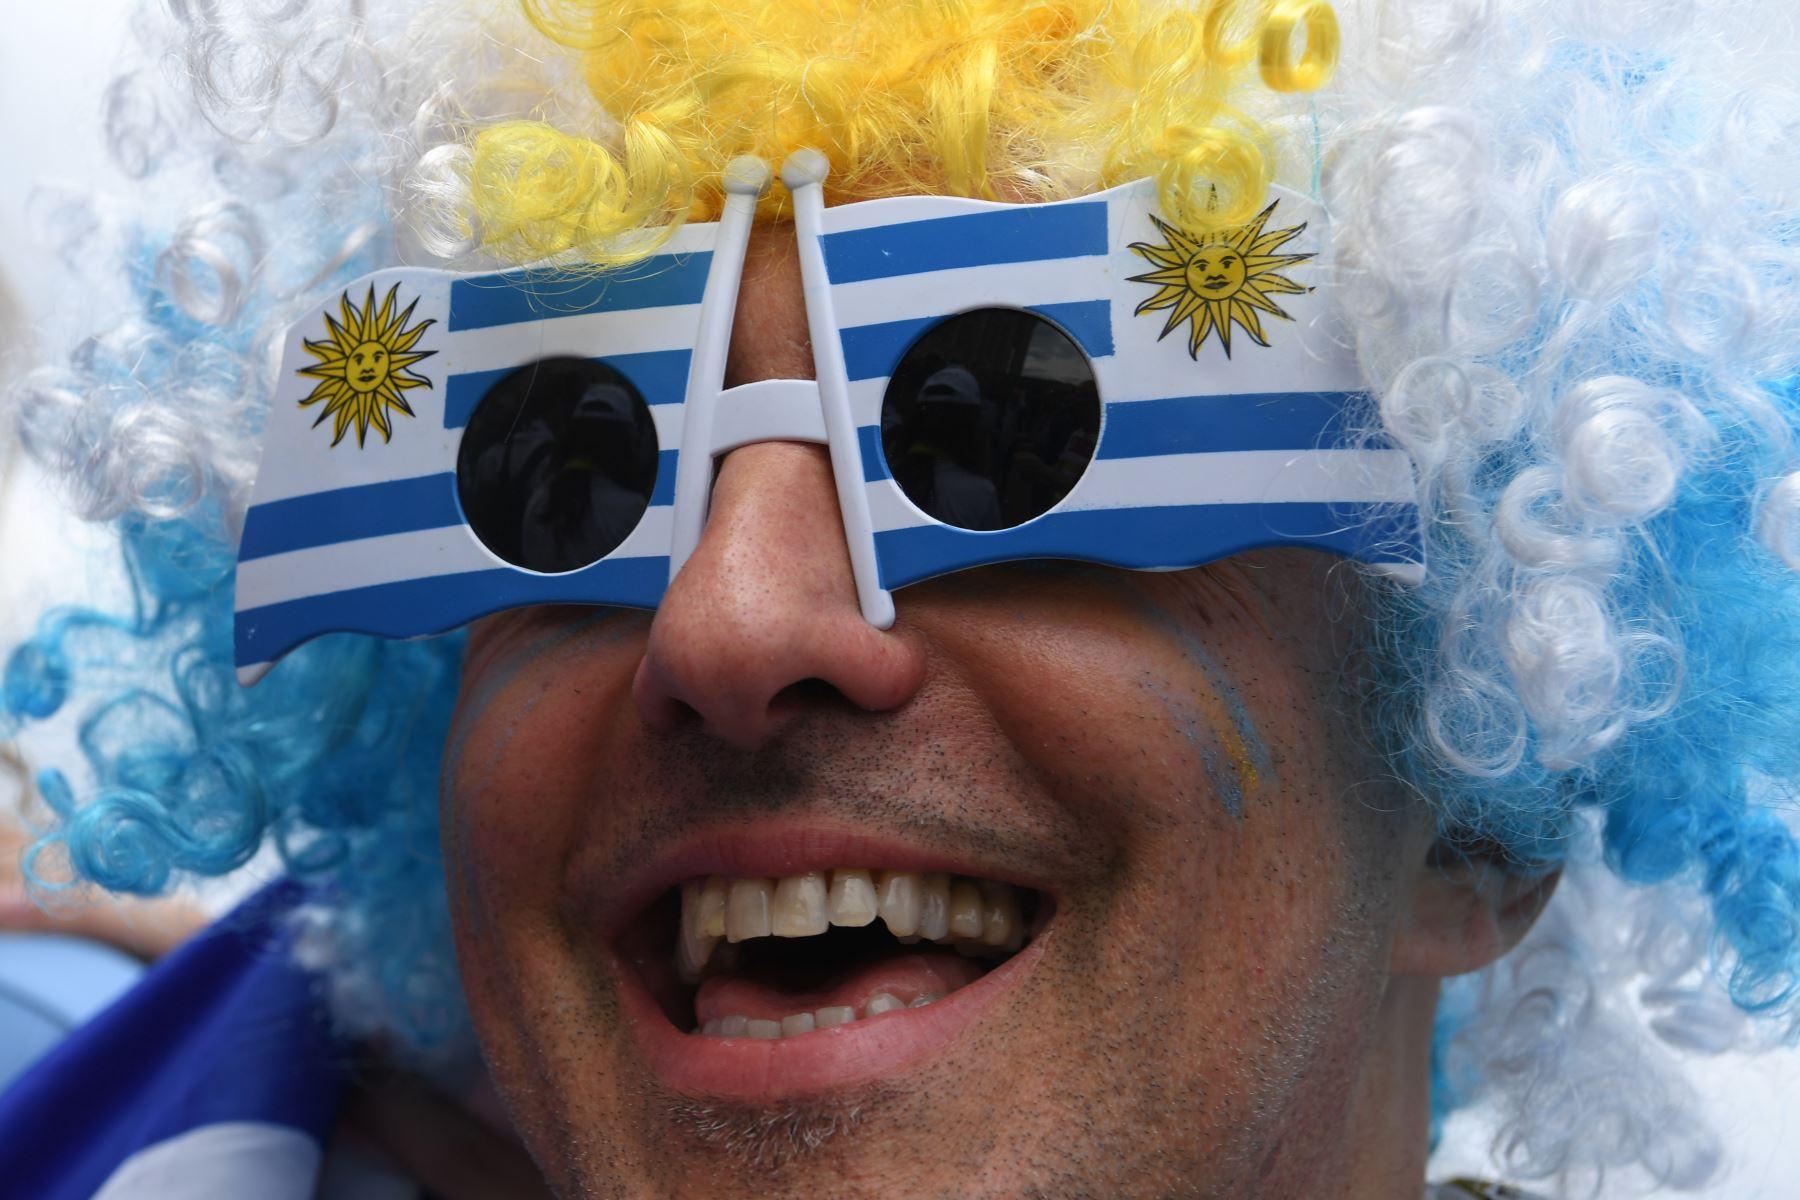 Un hincha uruguayo posa con anticipación al partido de fútbol del Grupo A de la Copa Mundial Rusia 2018. Foto: AFP